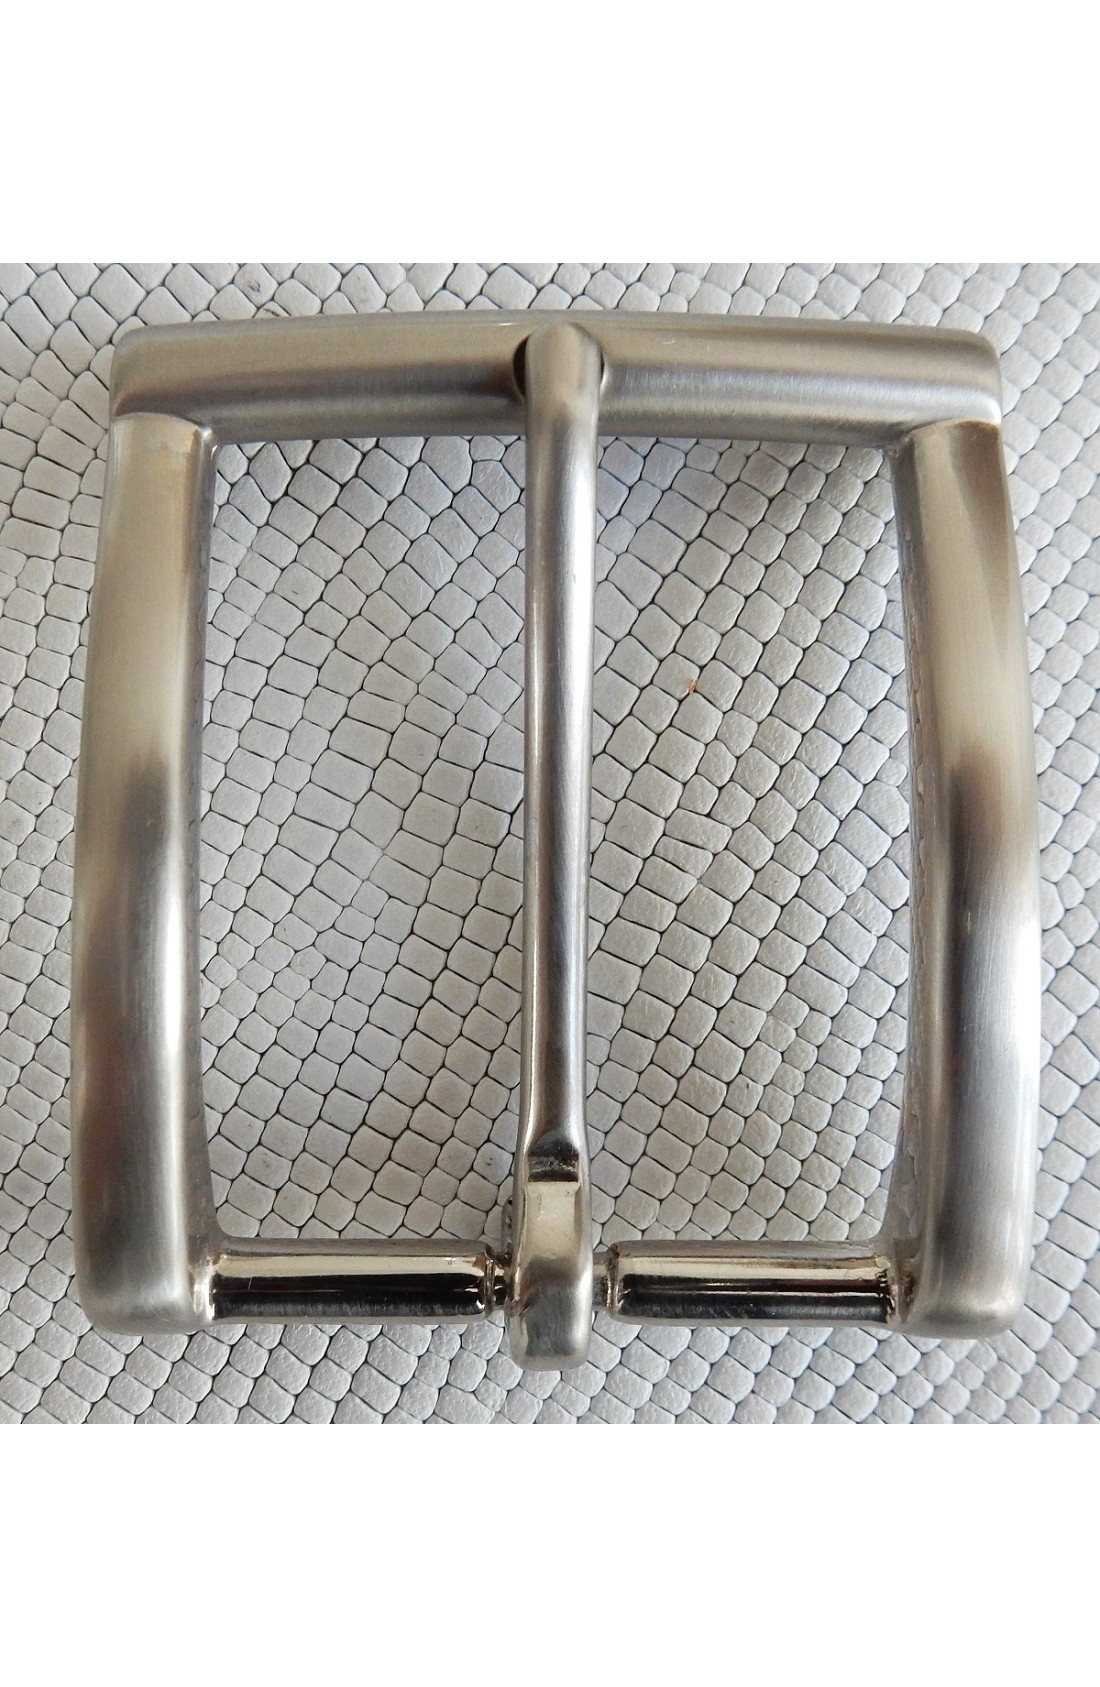 Fibbia Standard I 113 mm.35 nikel satinato